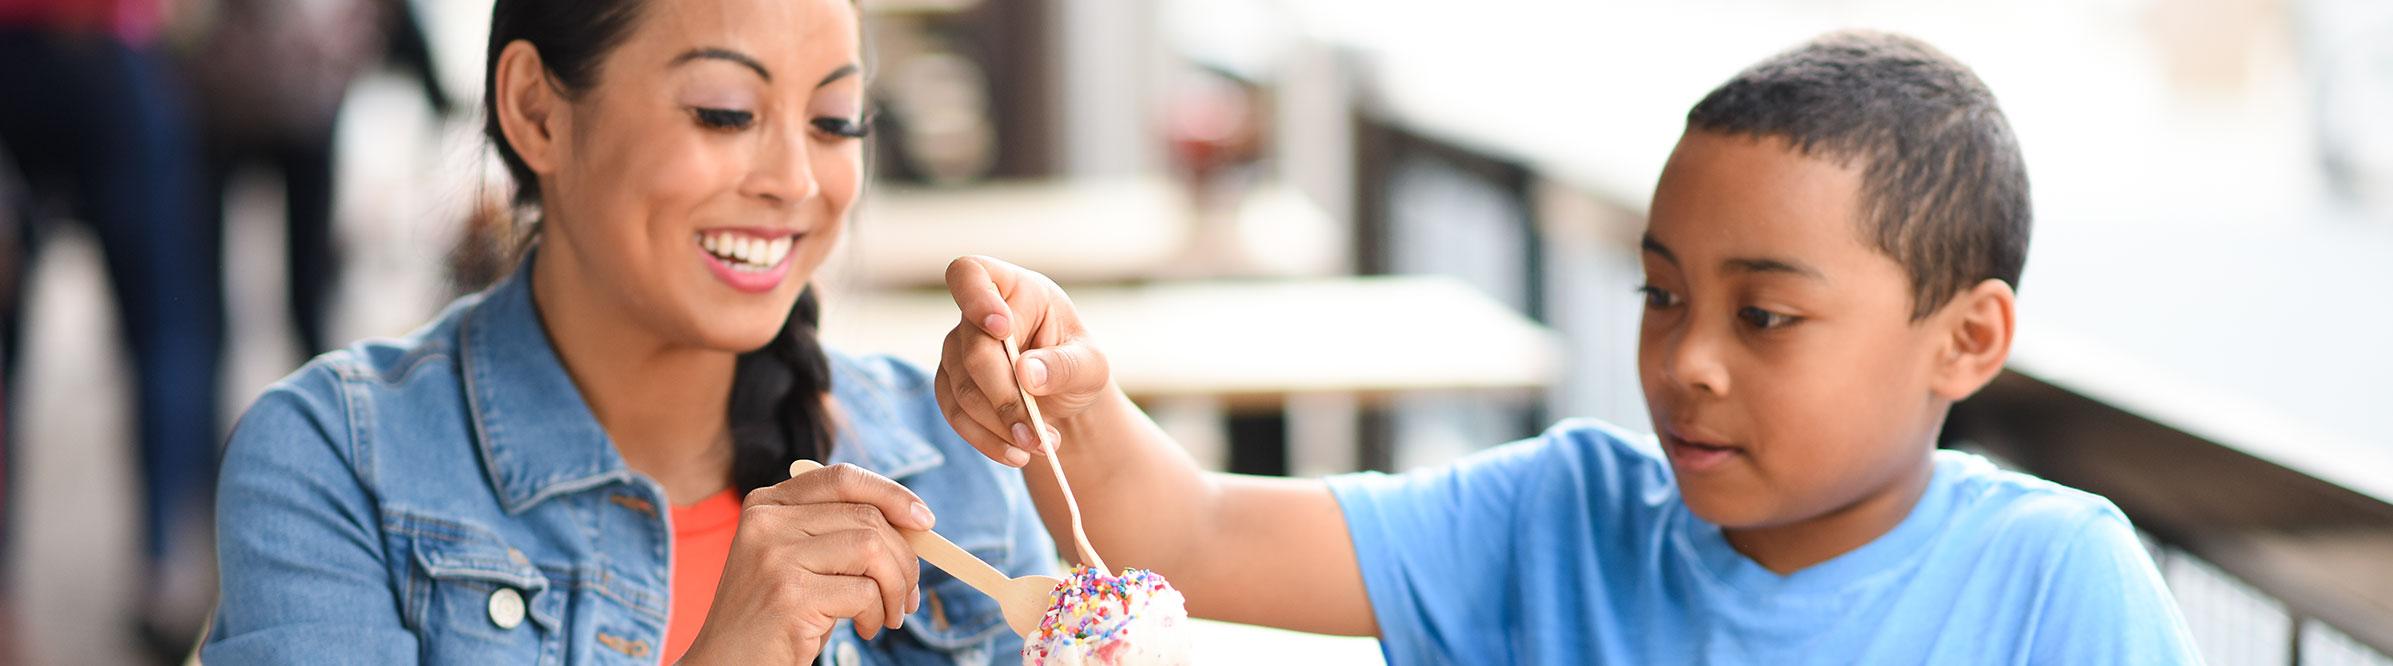 family-ice-cream-2